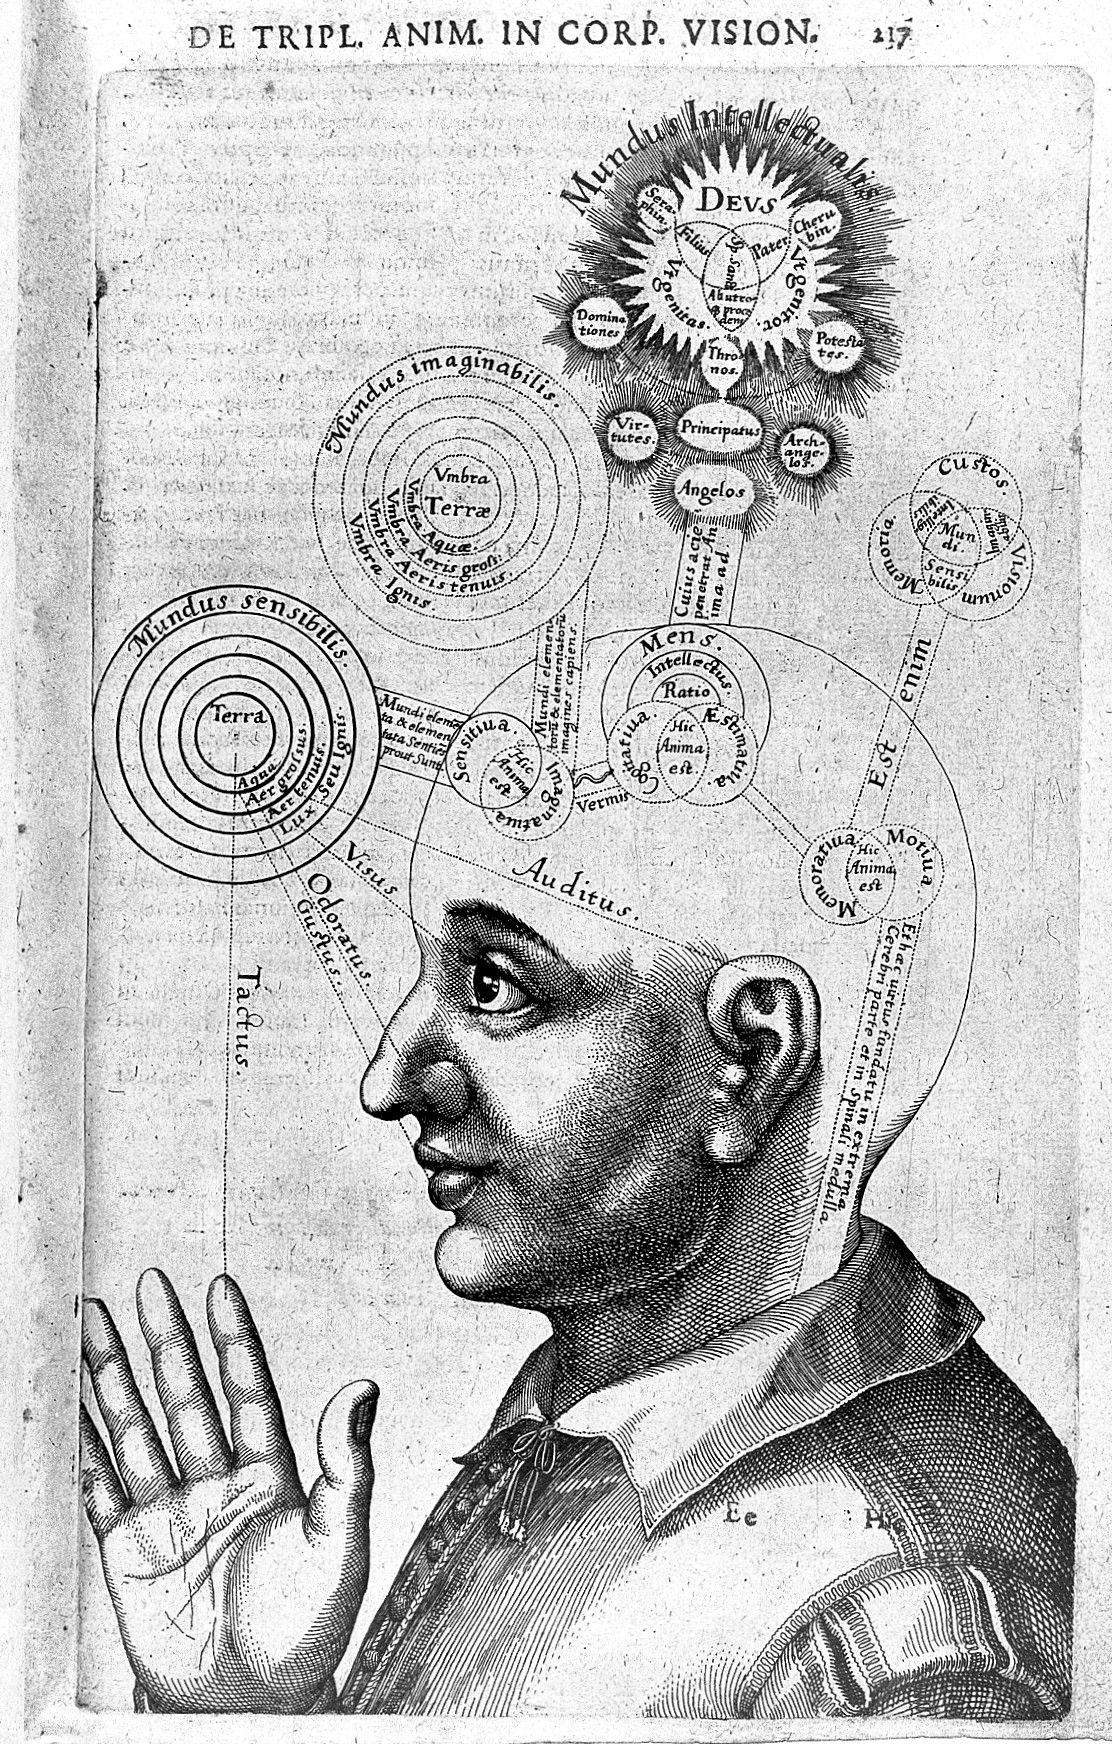 Robert Fludd, De praeternaturali utriusque mundi historia 1621